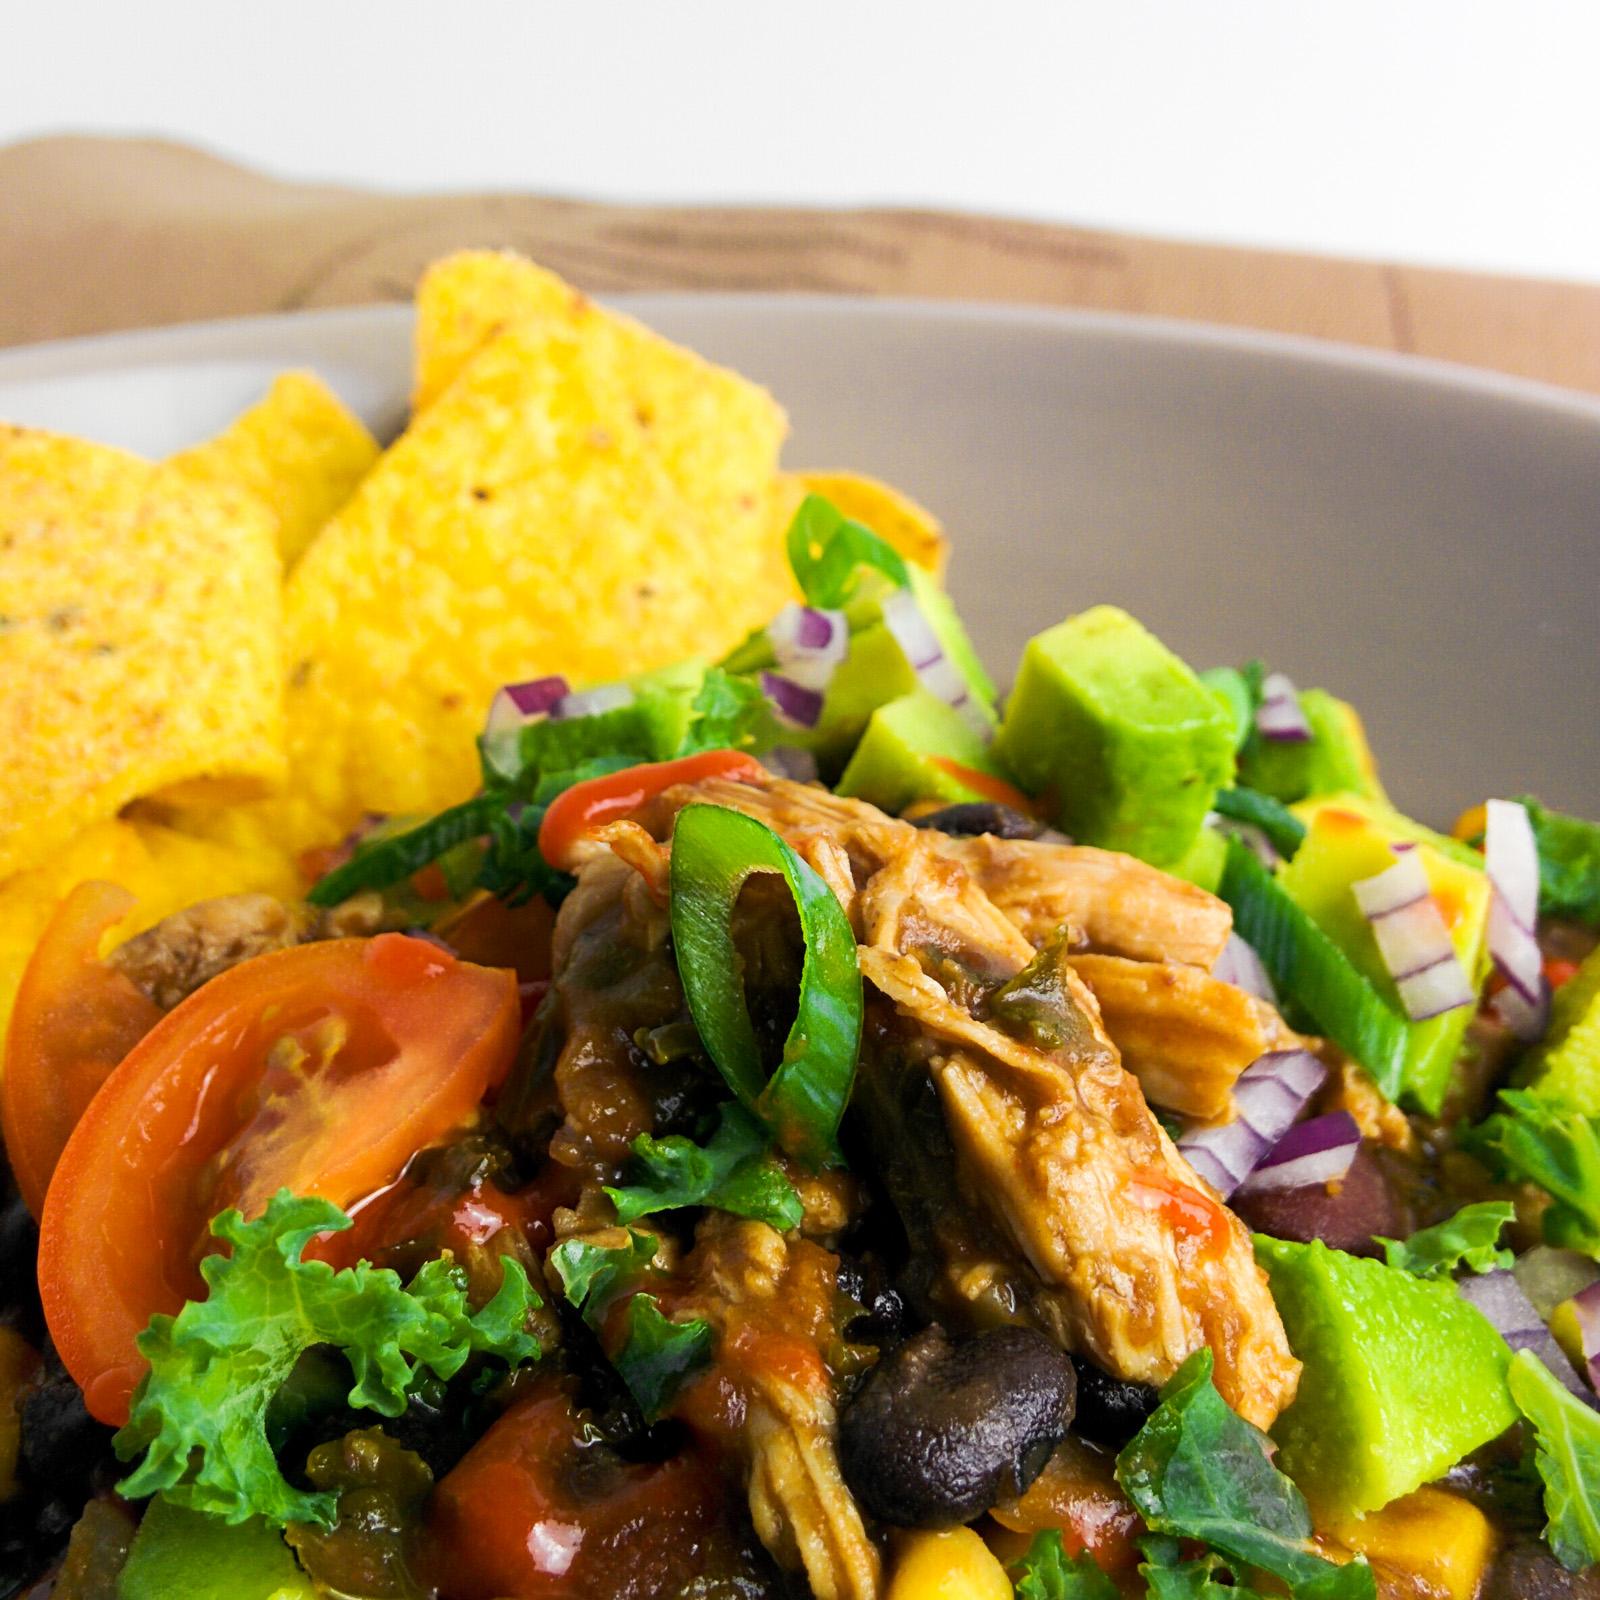 IJK Healthy chili con pollo